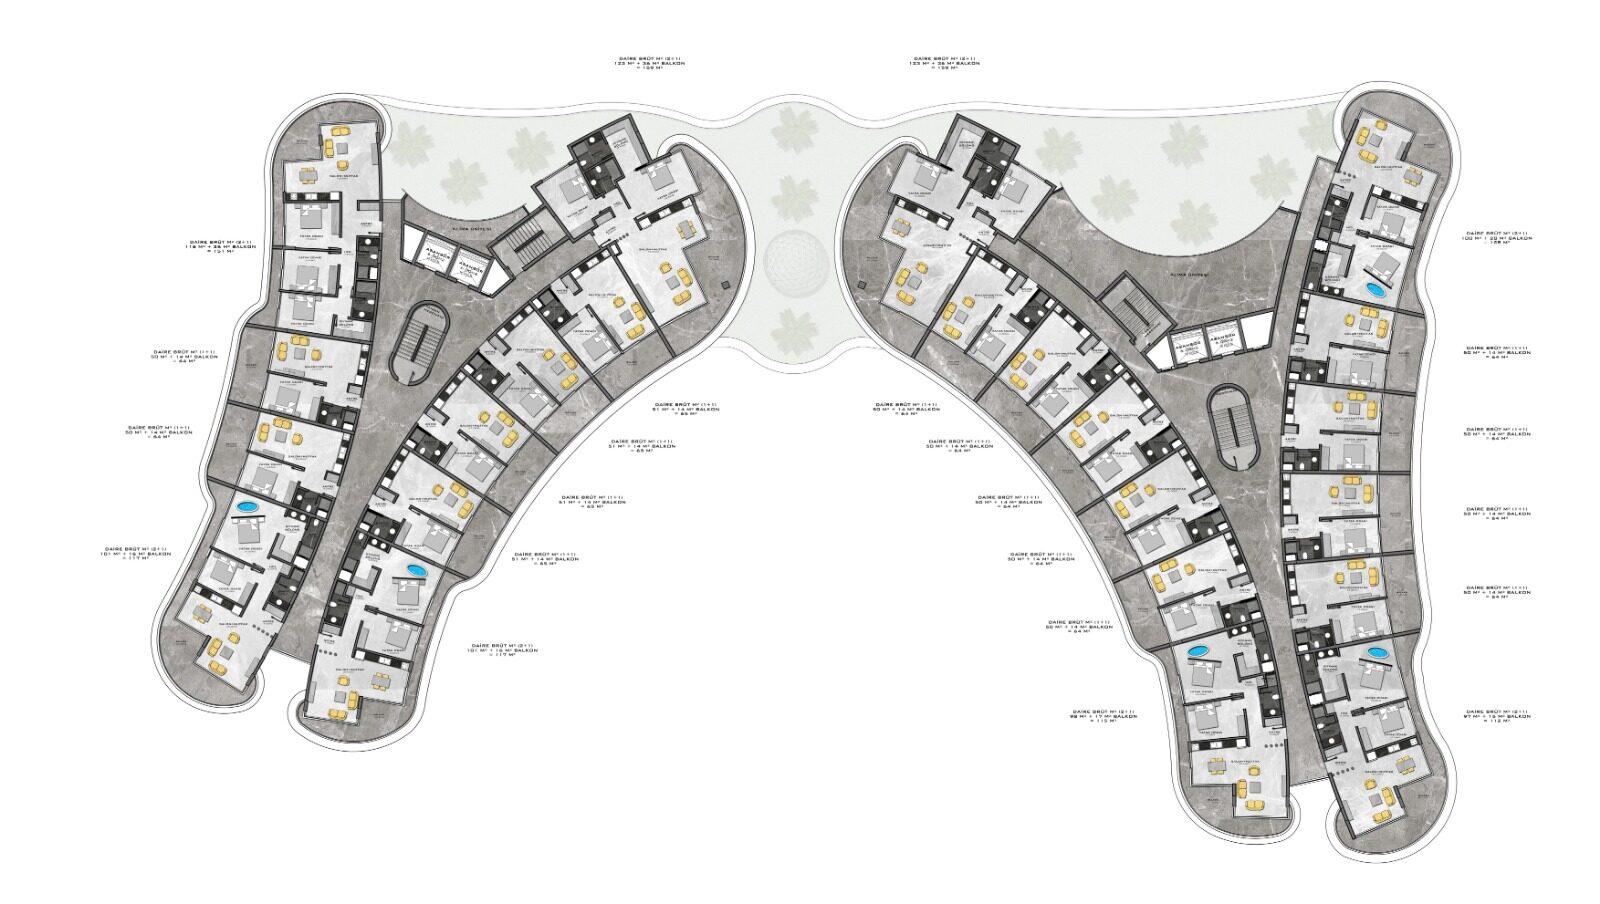 Plan of duplex 1st floor